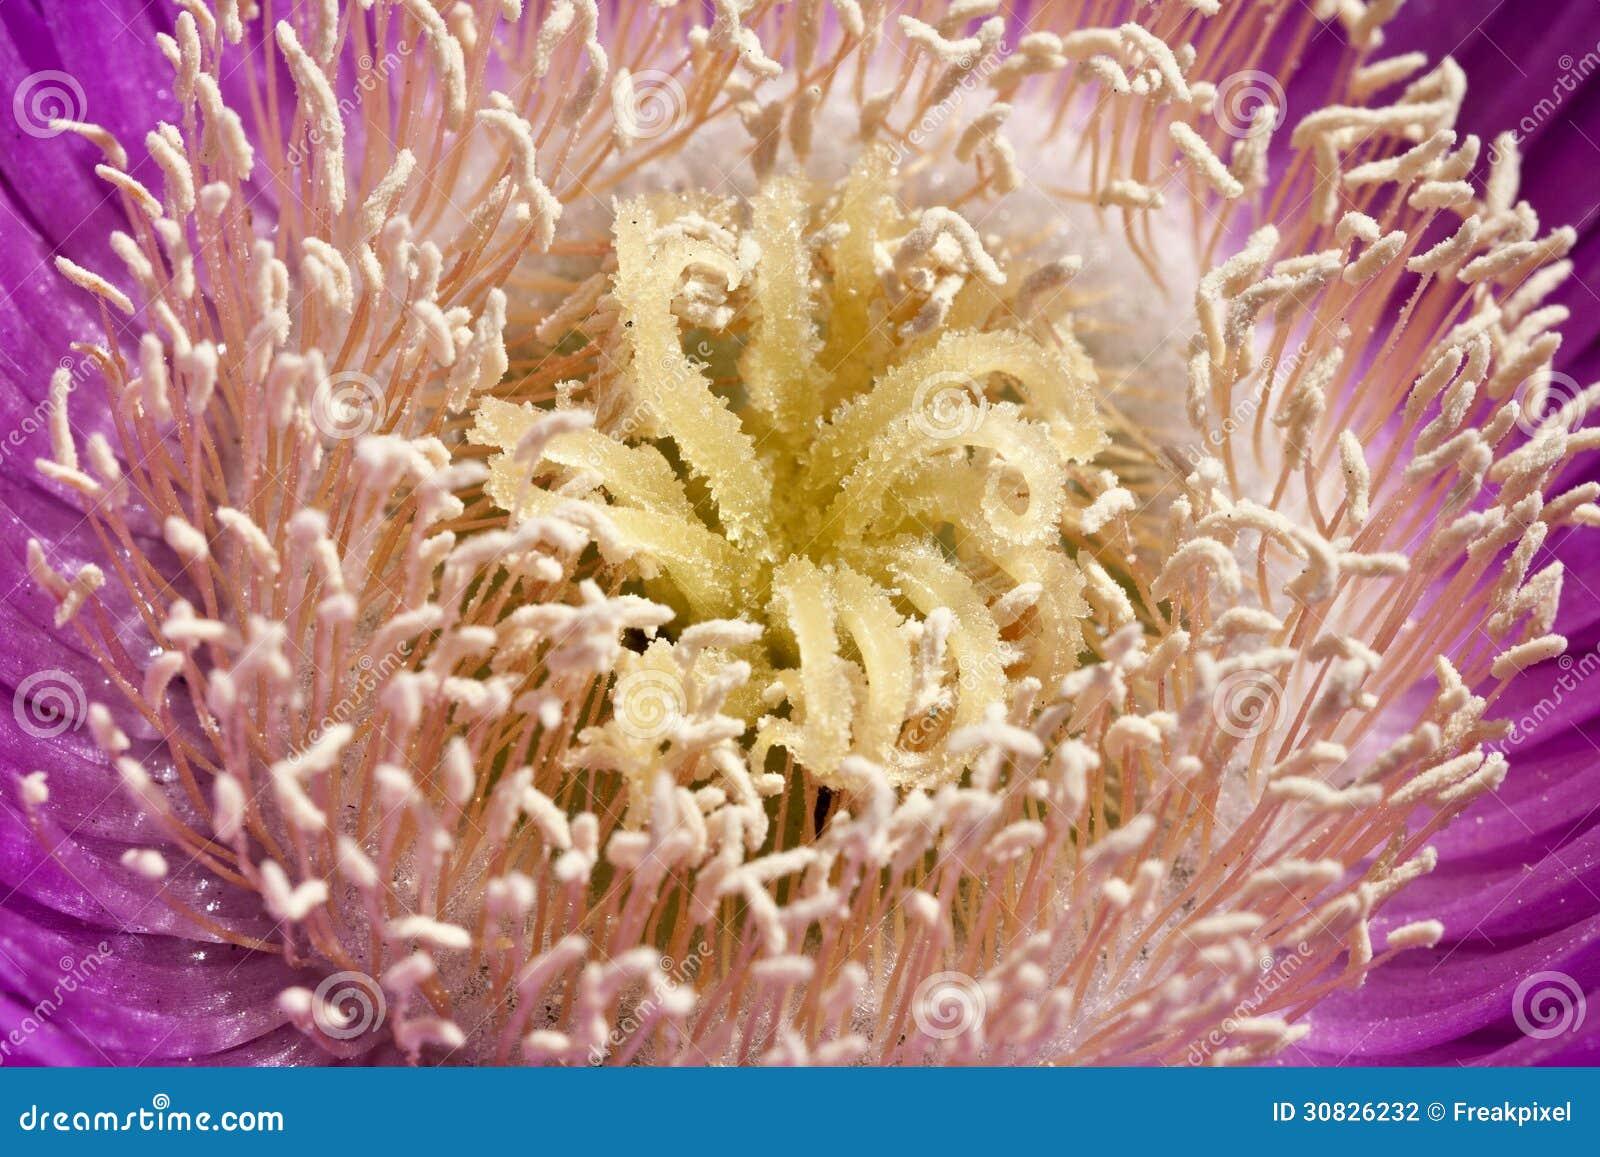 Dettagli del fiore grazioso